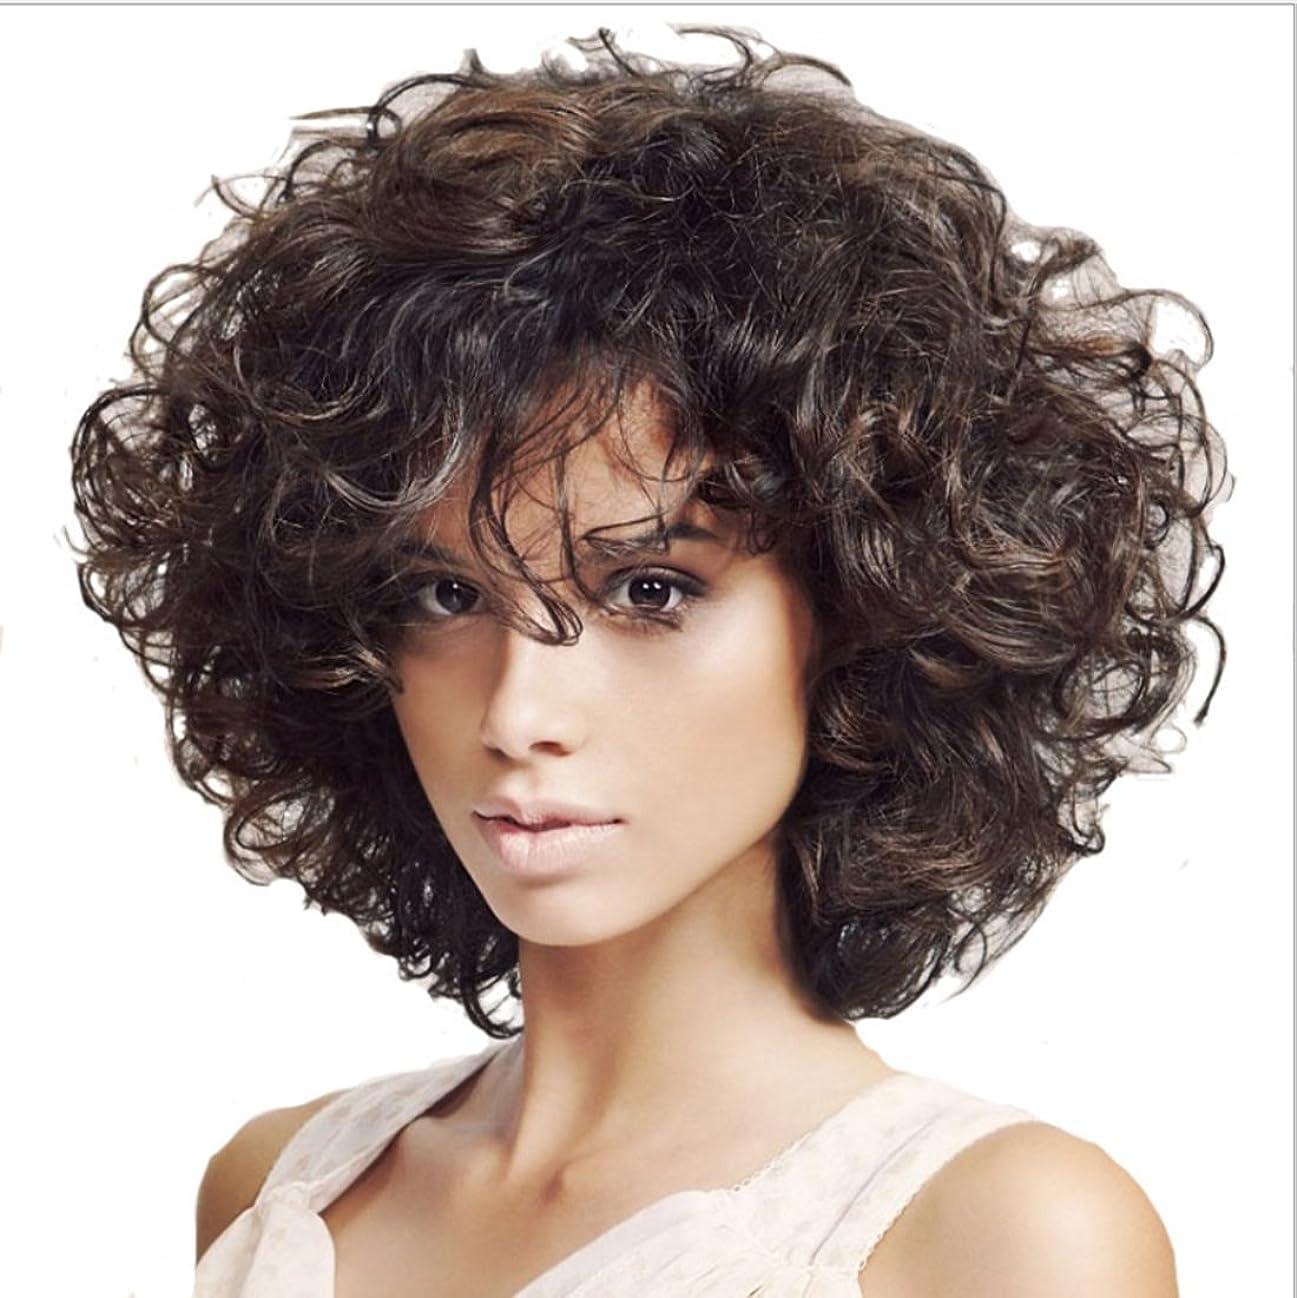 担保そっと乱用Koloeplf 女性のための13inch高温のかつら部分的なバグのウィッグの短い縮毛髪耐熱性のためのふわふわした小さいウィッグ(ダークブラウン) (Color : Dark brown)